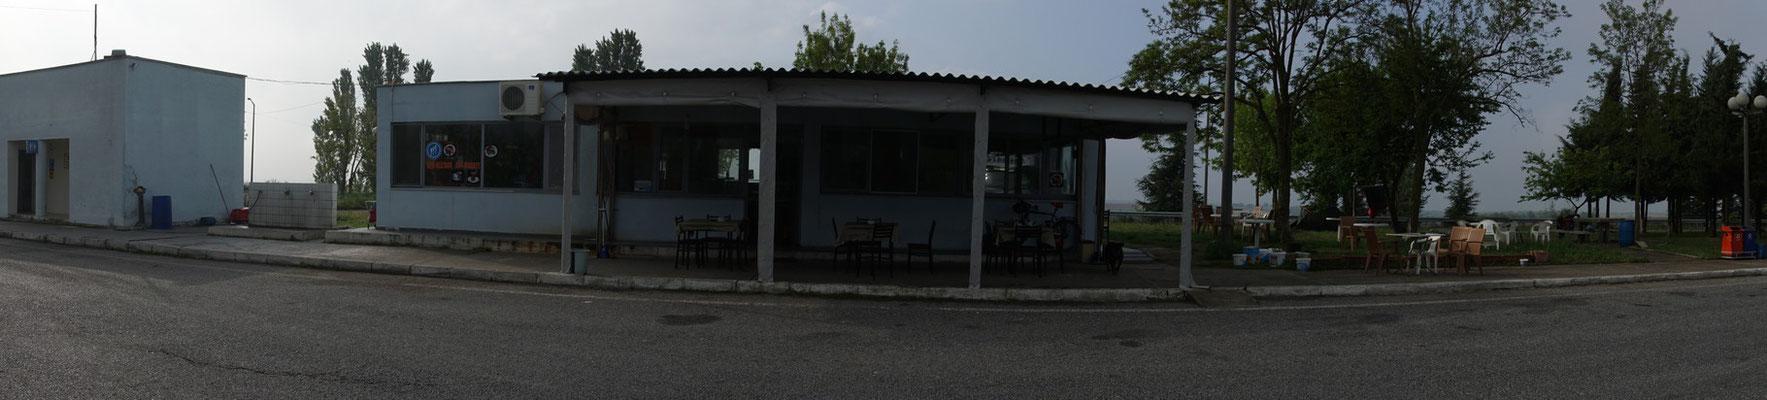 Heute Morgen eine Rundumansicht - die Plätze sind immer gleich aufgebaut: Links Toilettenhäuschen - dann Restaurant mit Shop - dann PicNicArea...